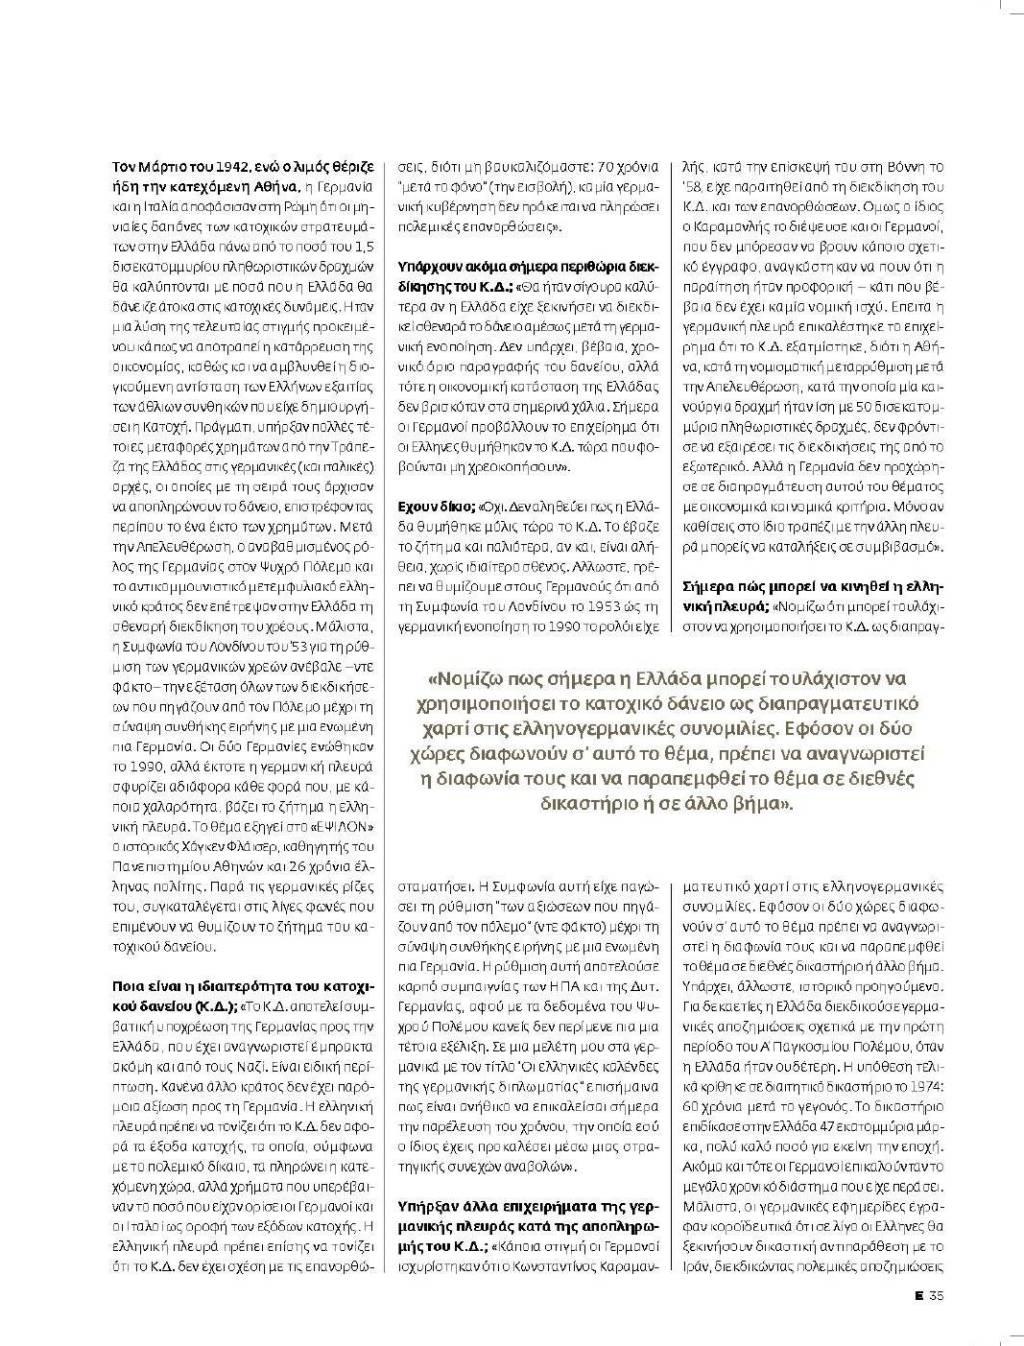 2011-06-26-ΕΨΙΛΟΝ-ΣΕΛ-034-038 - Χάγκεν Φλάισερ - Το κατοχικό δάνειο και οι πολεμικές αποζημιώσεις - Συνέντευξη - 59358240-ΣΕΛ-02